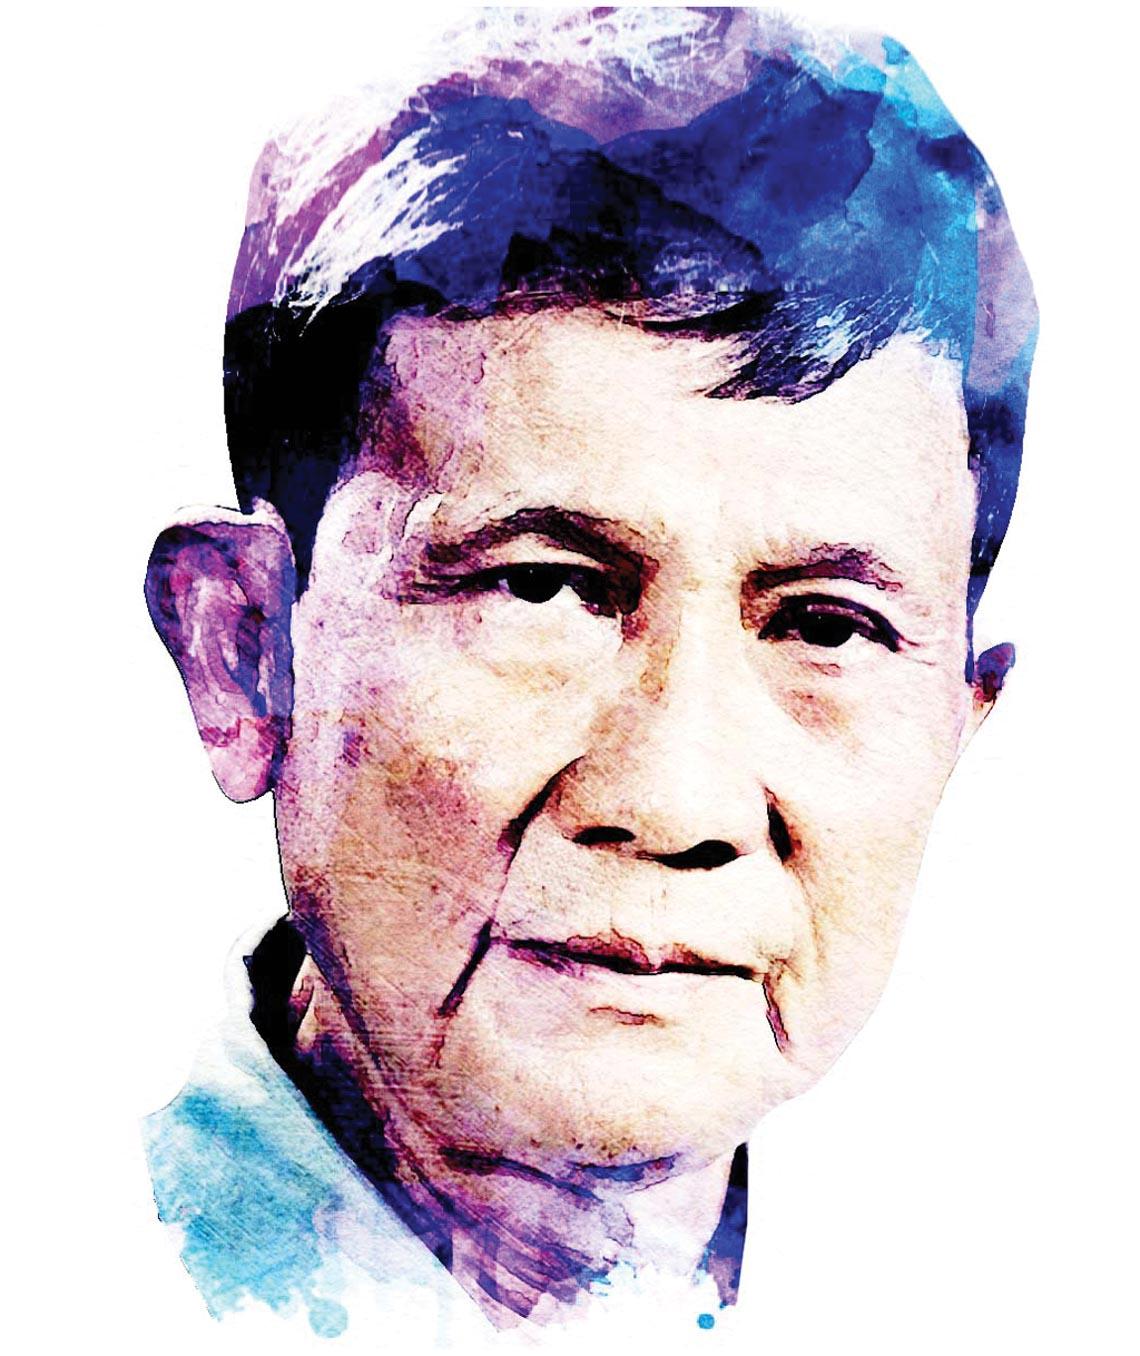 Đạo diễn Trần Chí Kông: Những bức ảnh mang khung hình phim tài liệu - 1